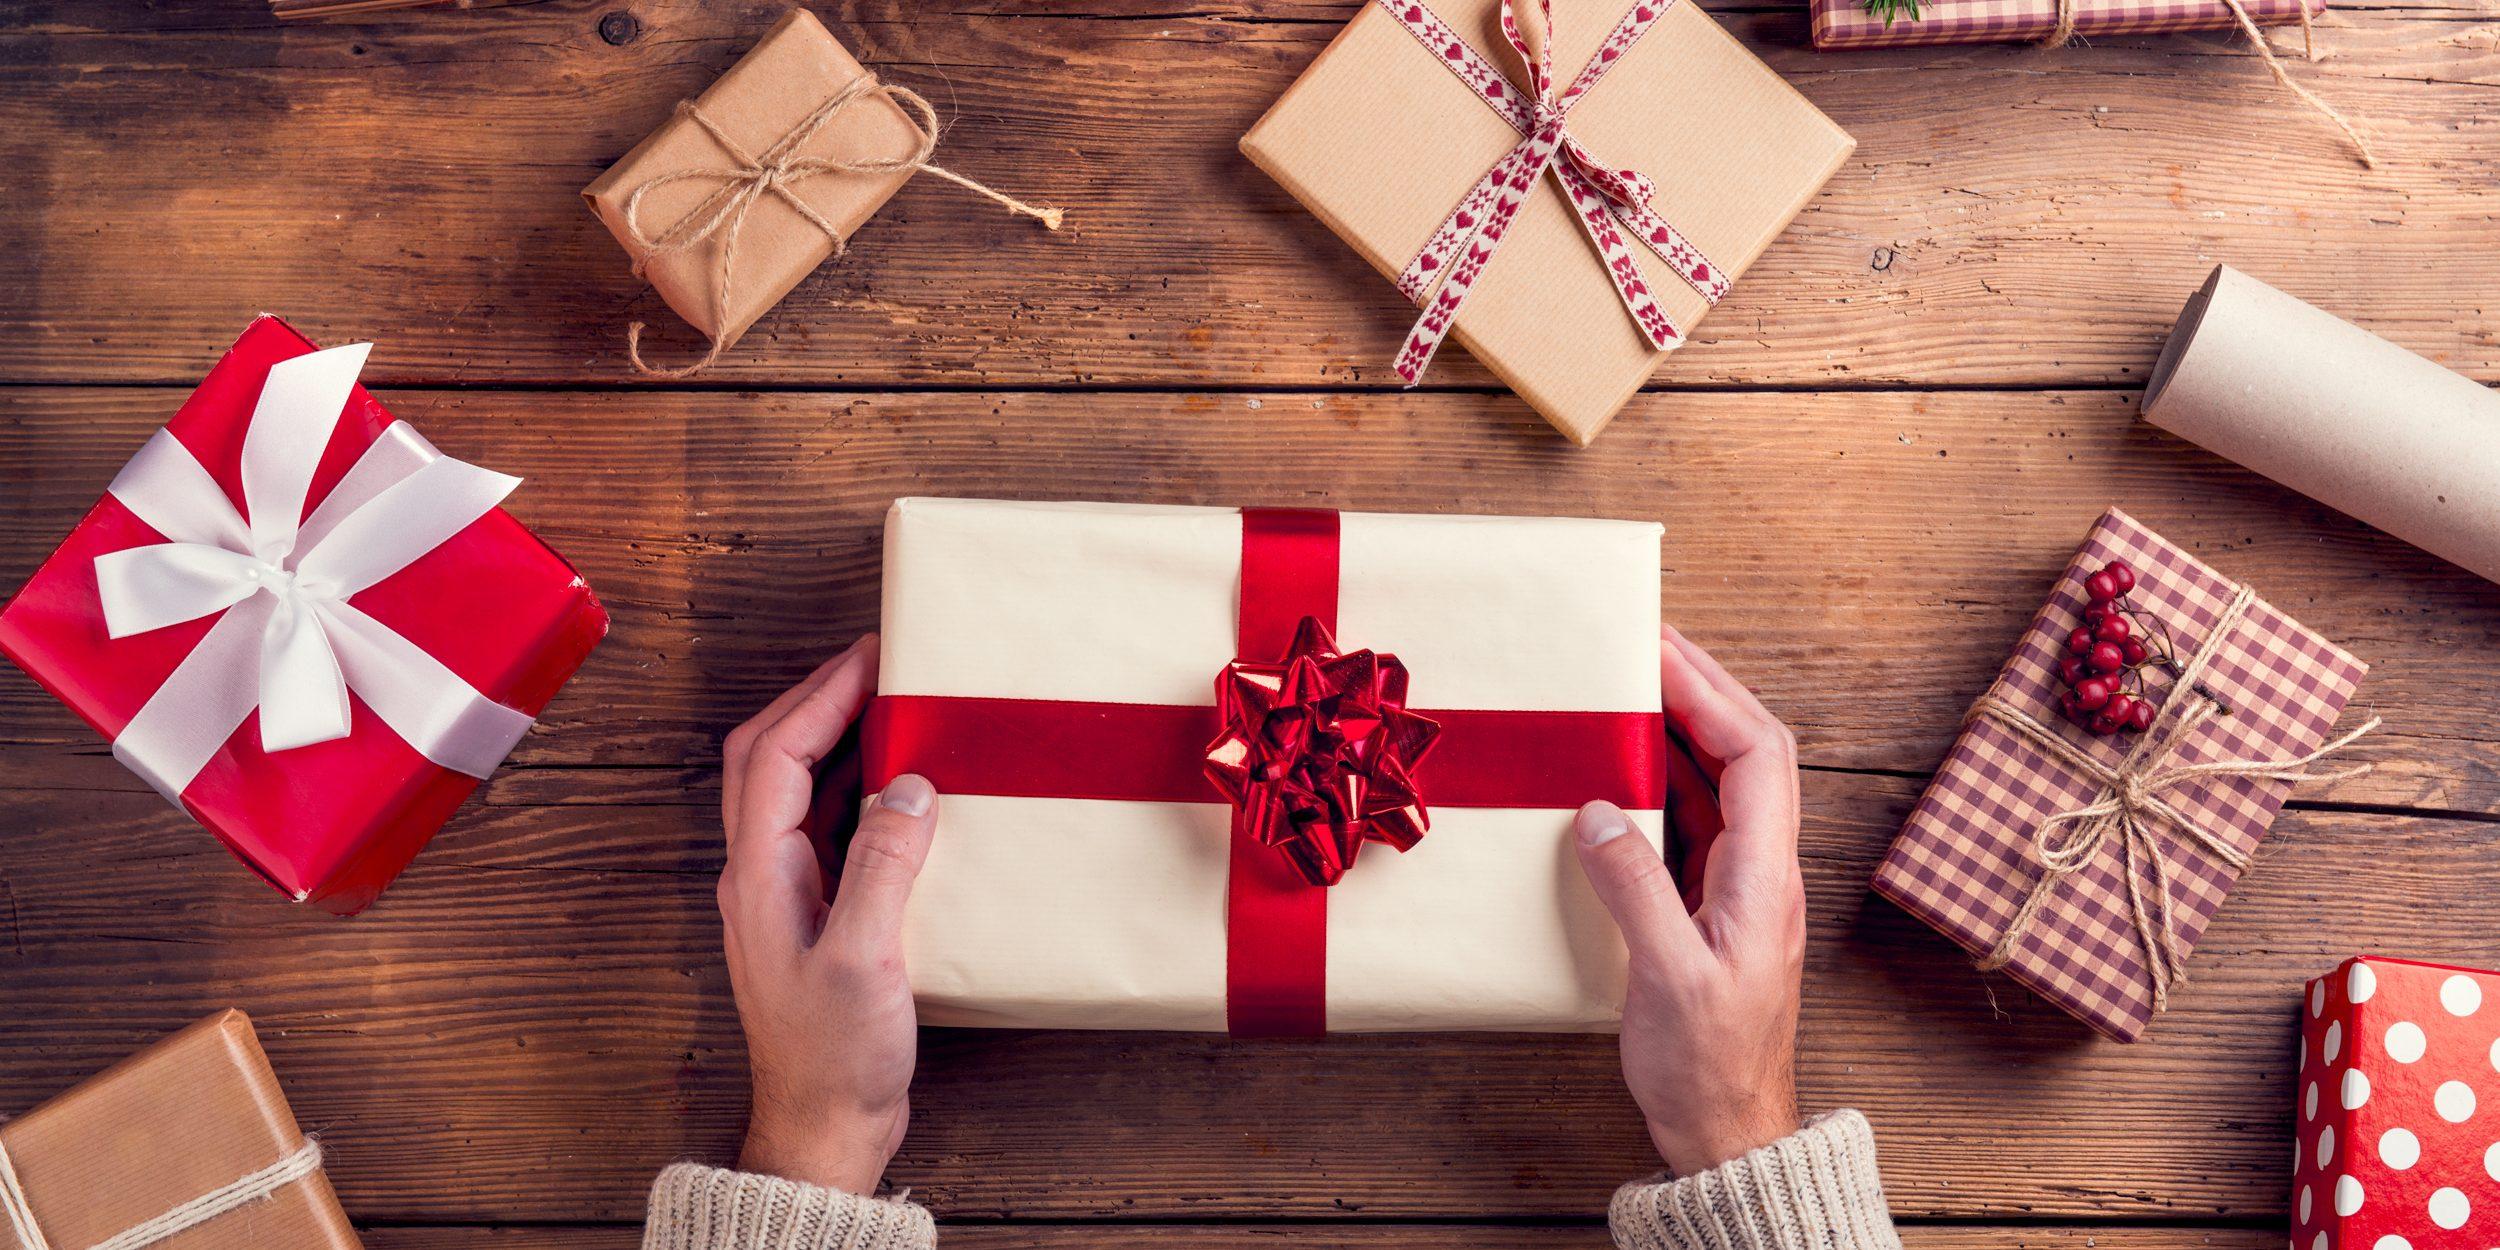 Ζώδια και Σχέσεις  Ποια δώρα είναι κατάλληλα για μια γυναίκα Λέοντα ... 8d9942b7a80